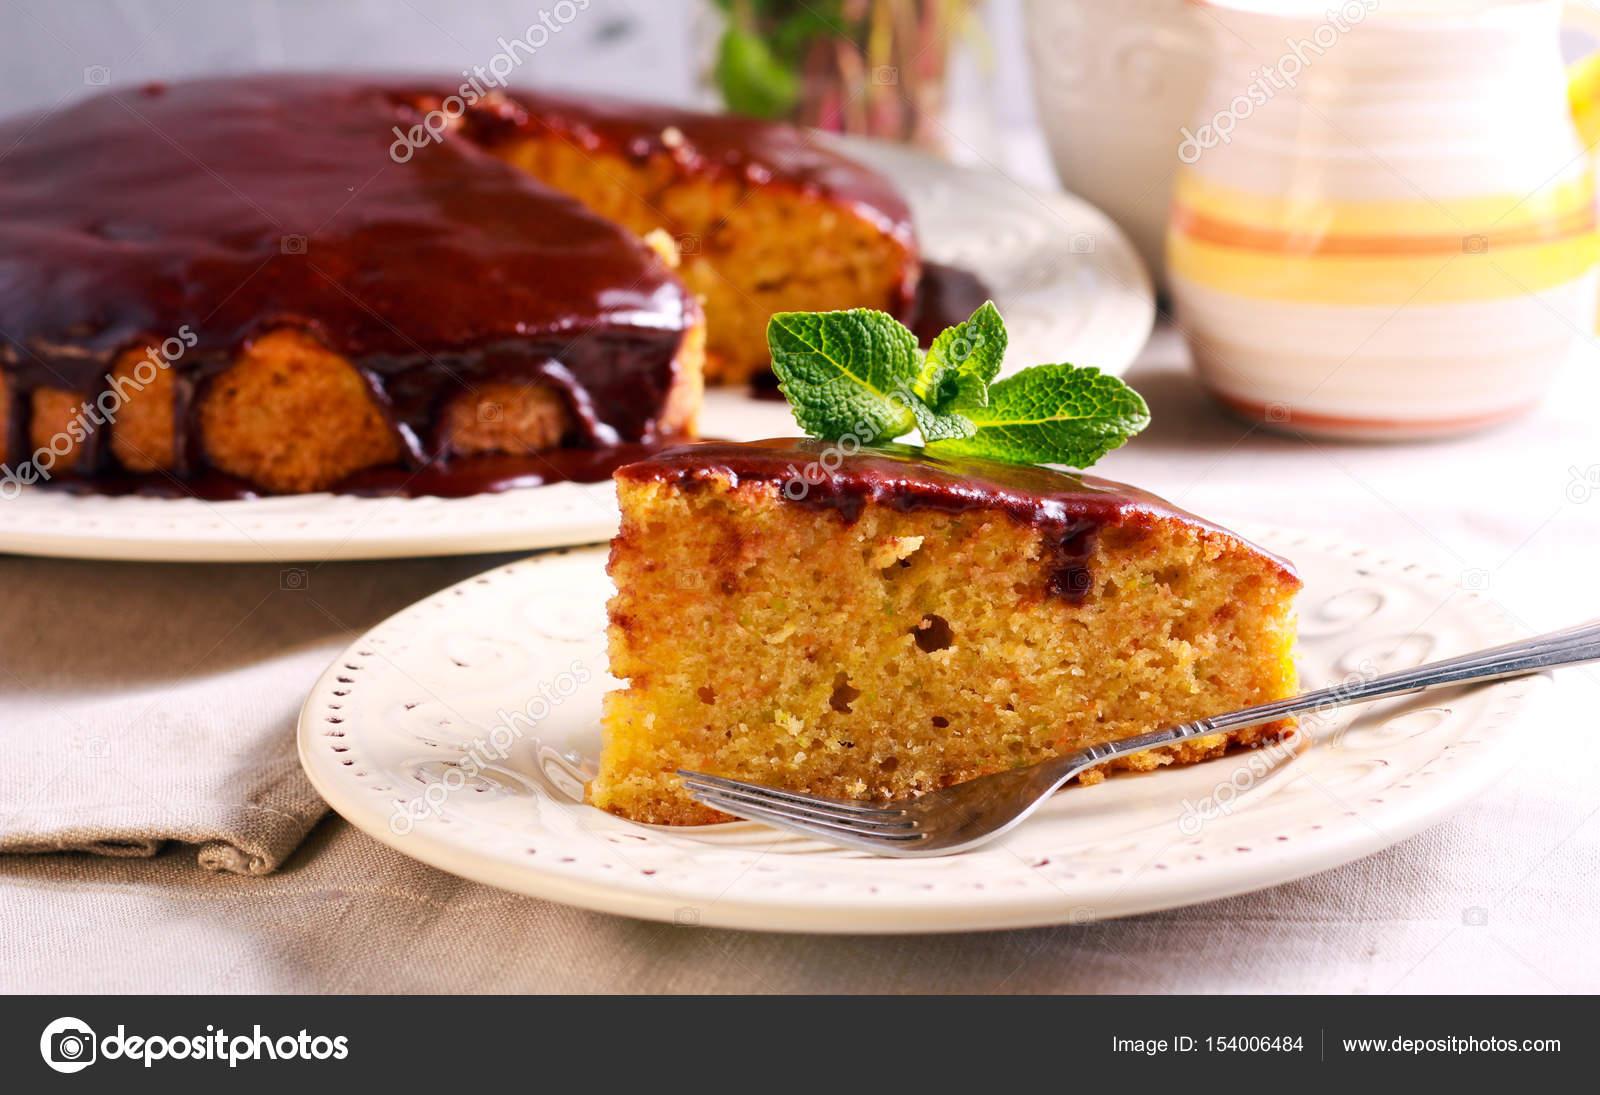 Zucchini Und Karotten Kuchen Mit Schokoladenglasur Stockfoto